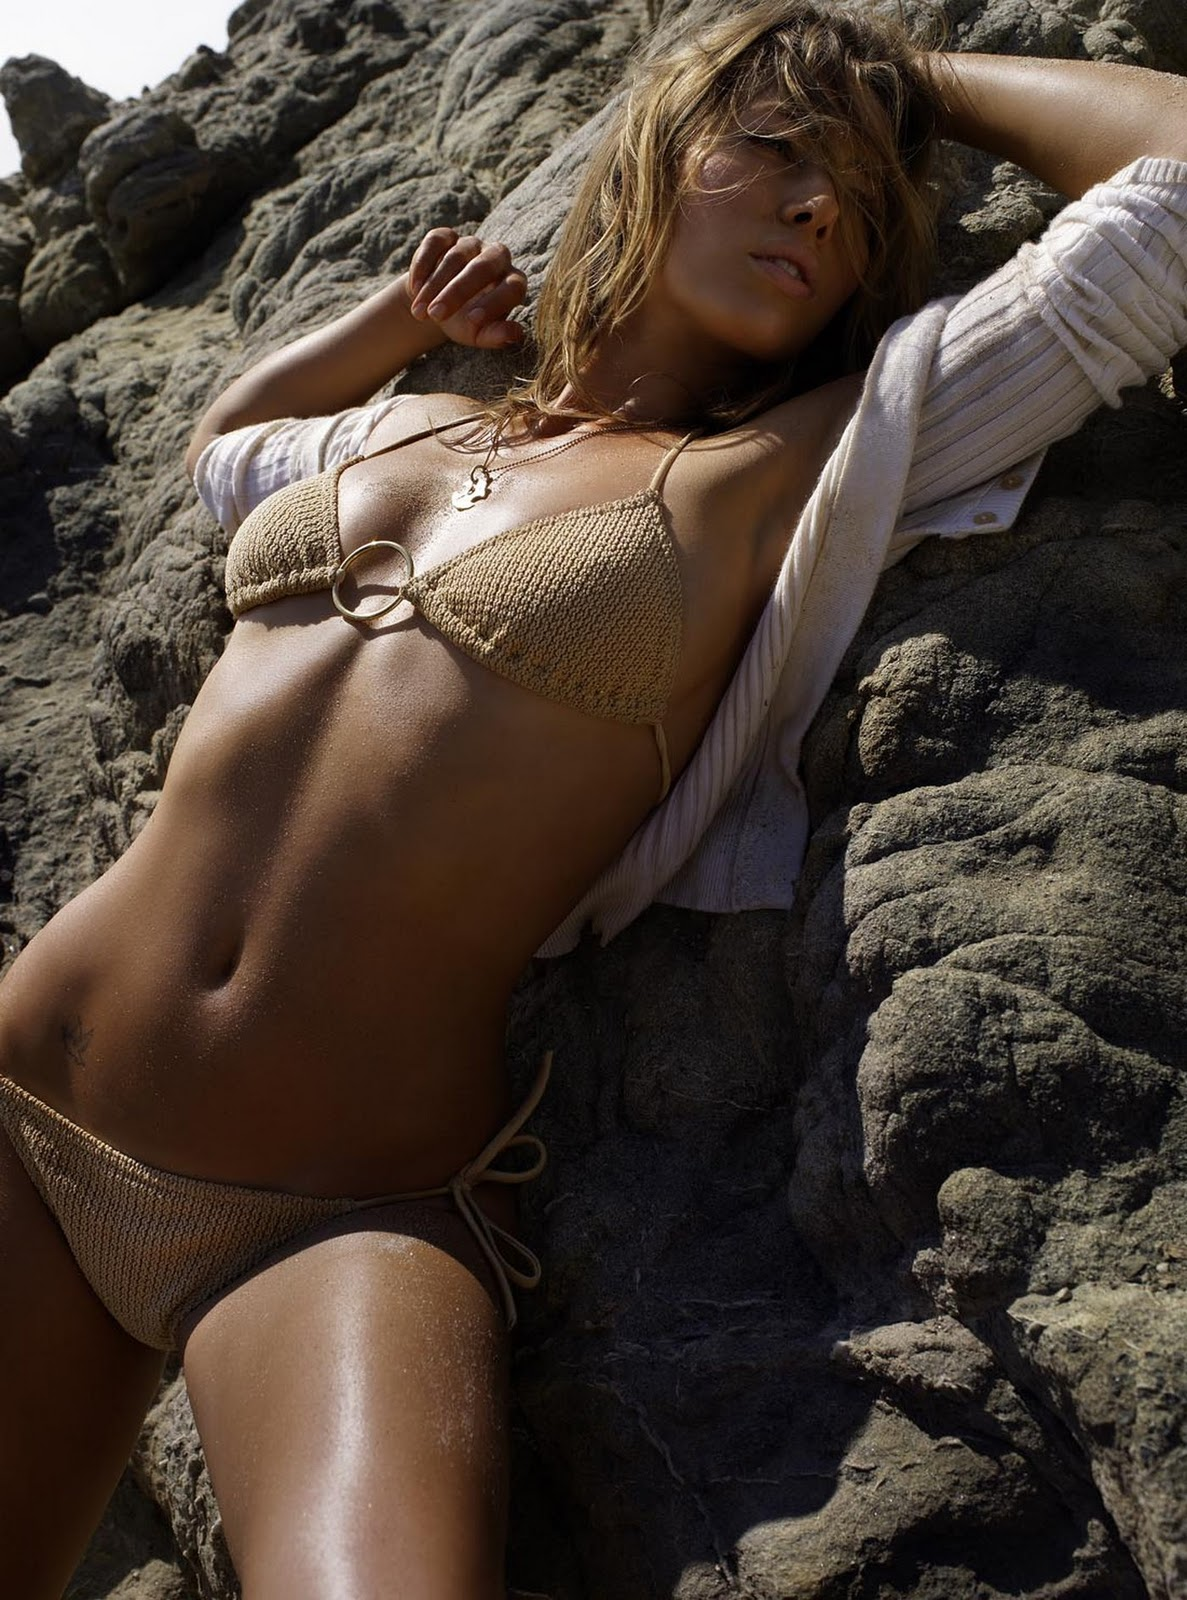 Playboy jessica biel nude